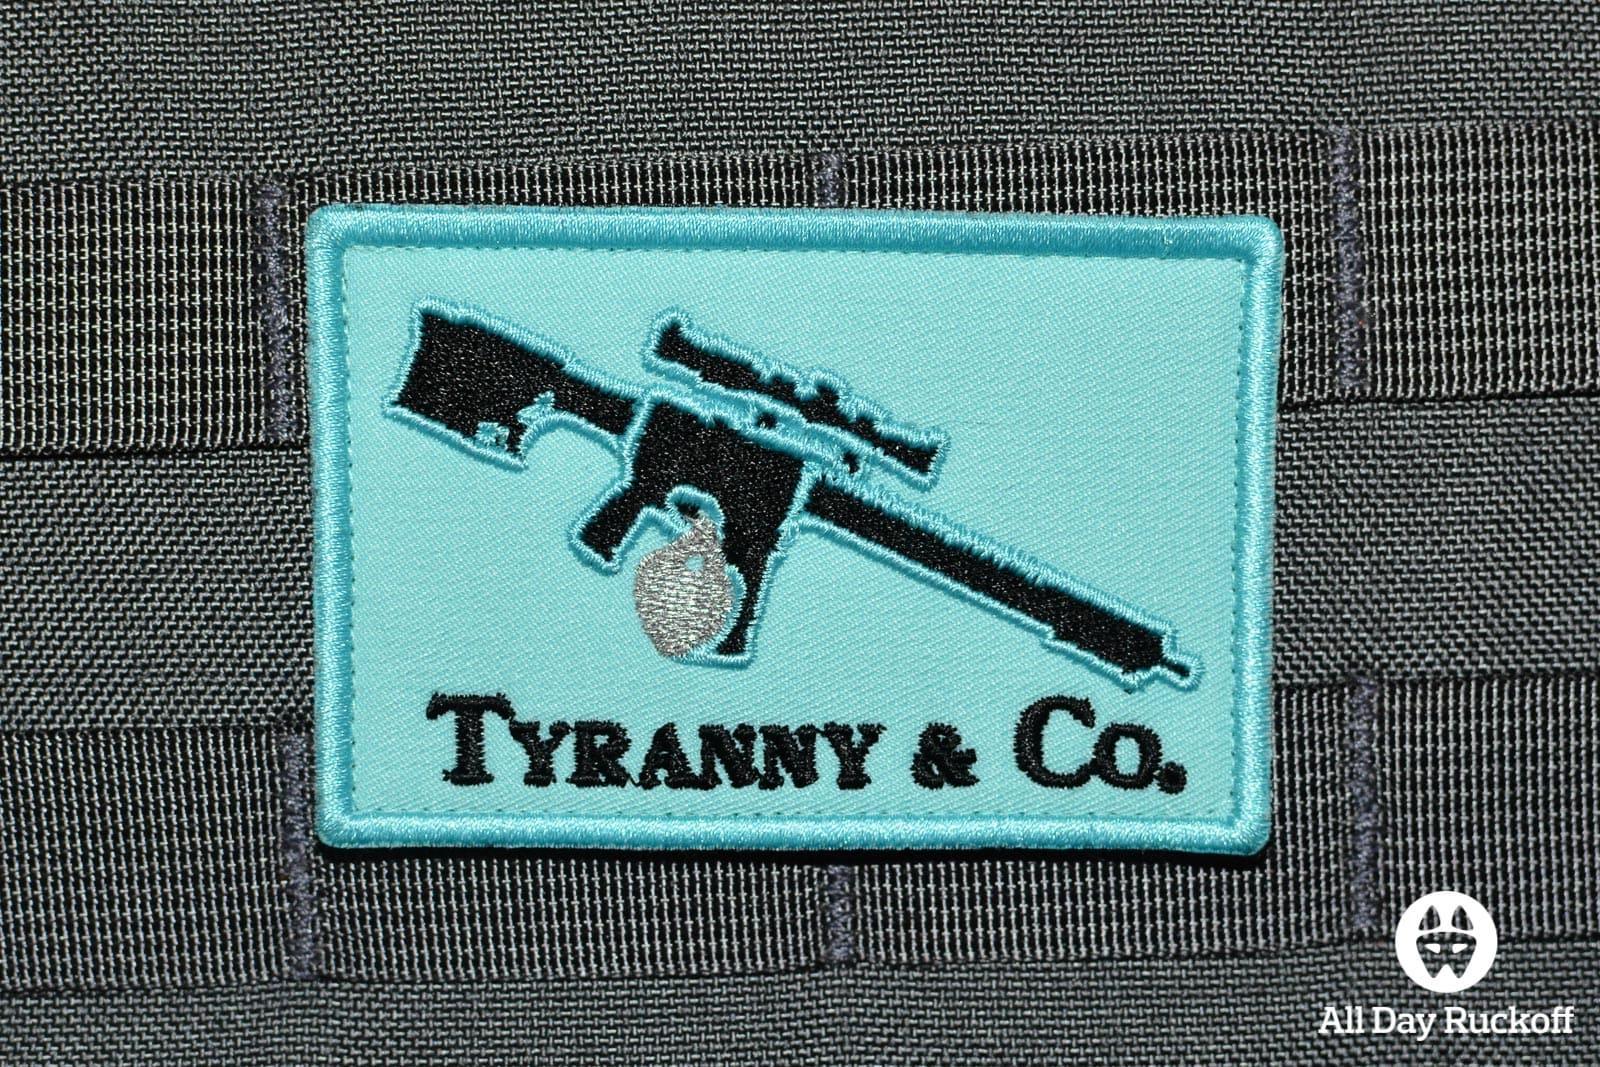 Tryanny & Co